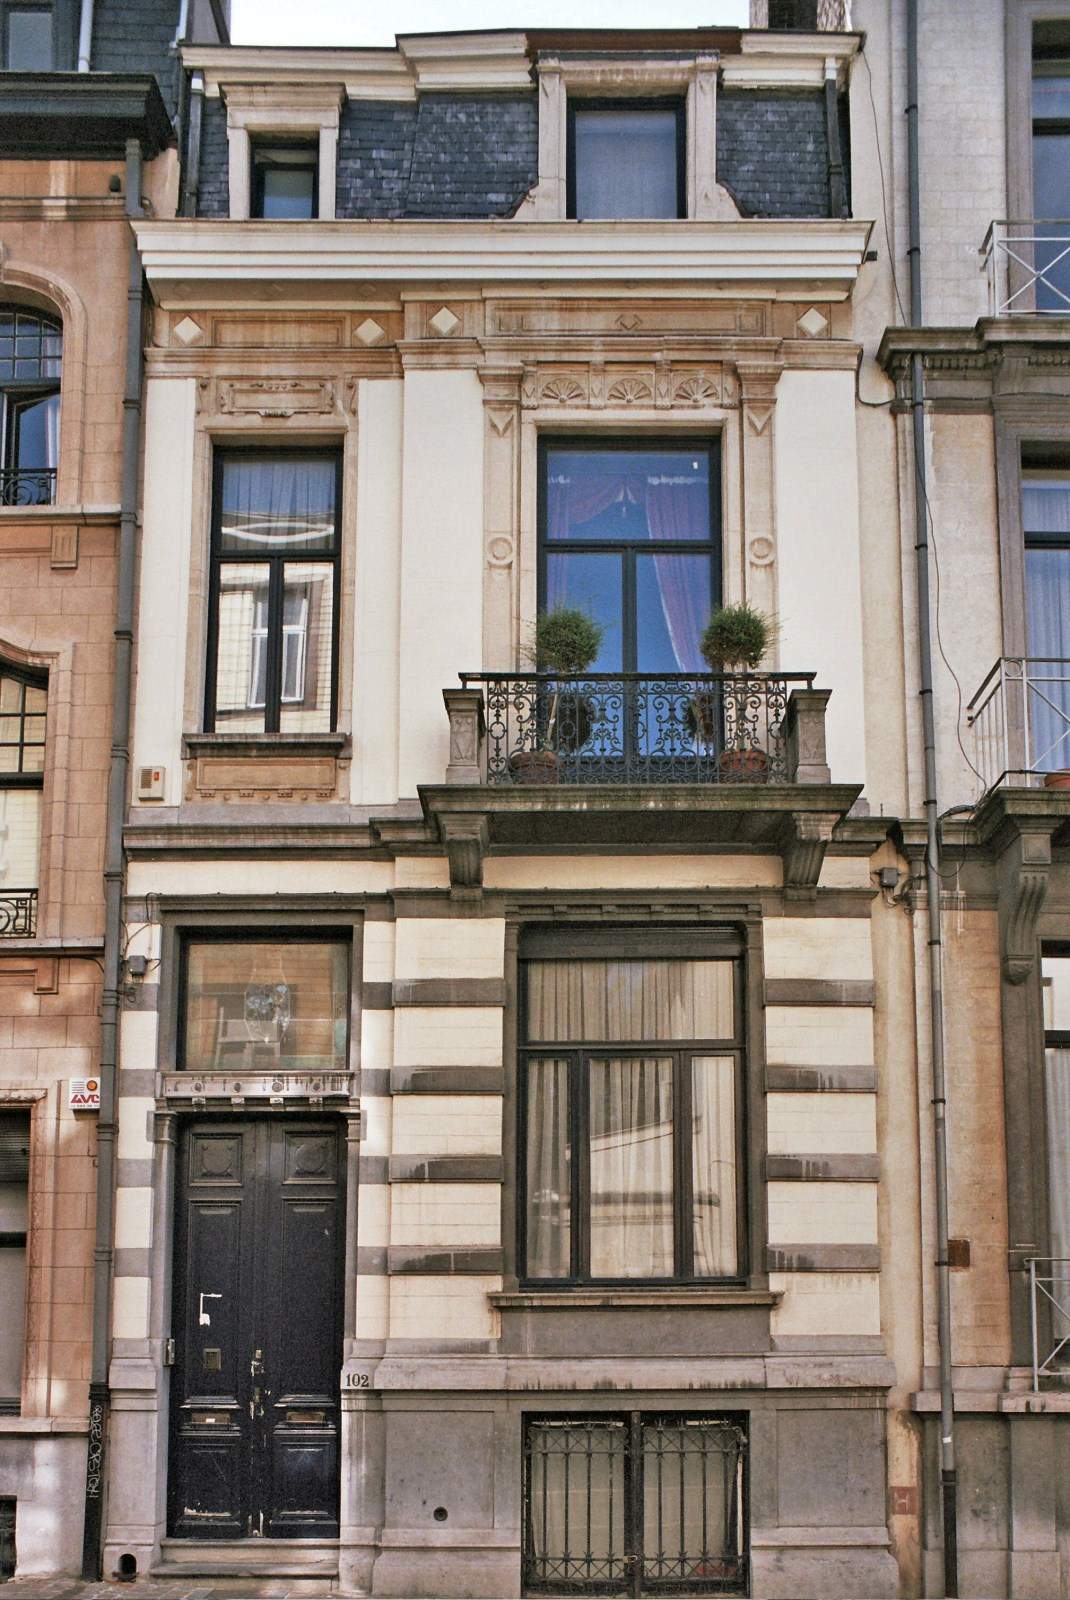 Rue Souveraine 102., 2009